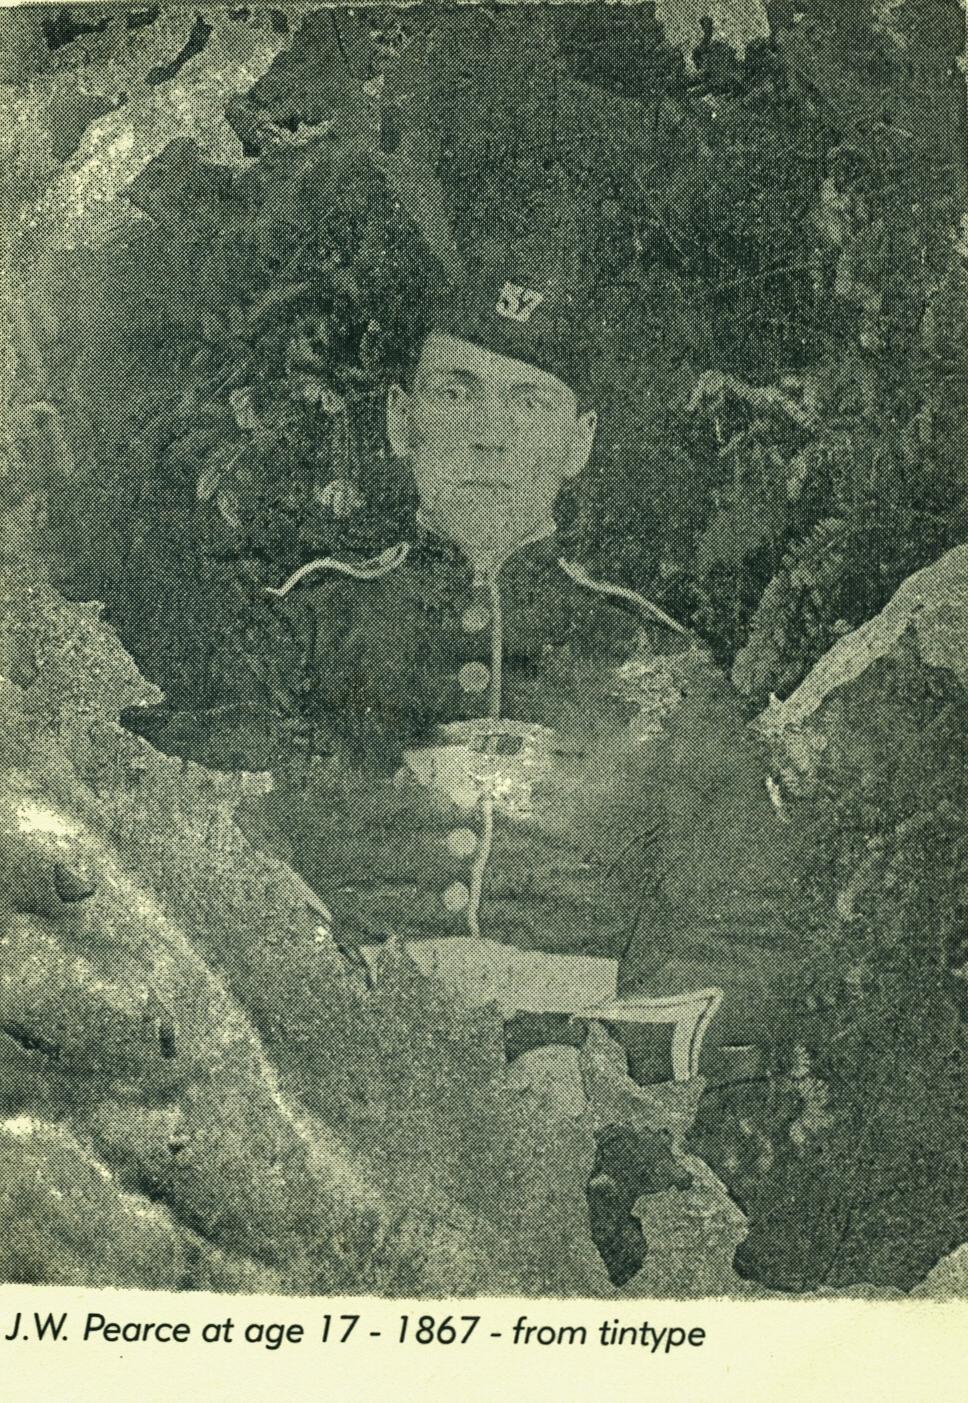 J.W. Pearce, age 17, 1867.jpg